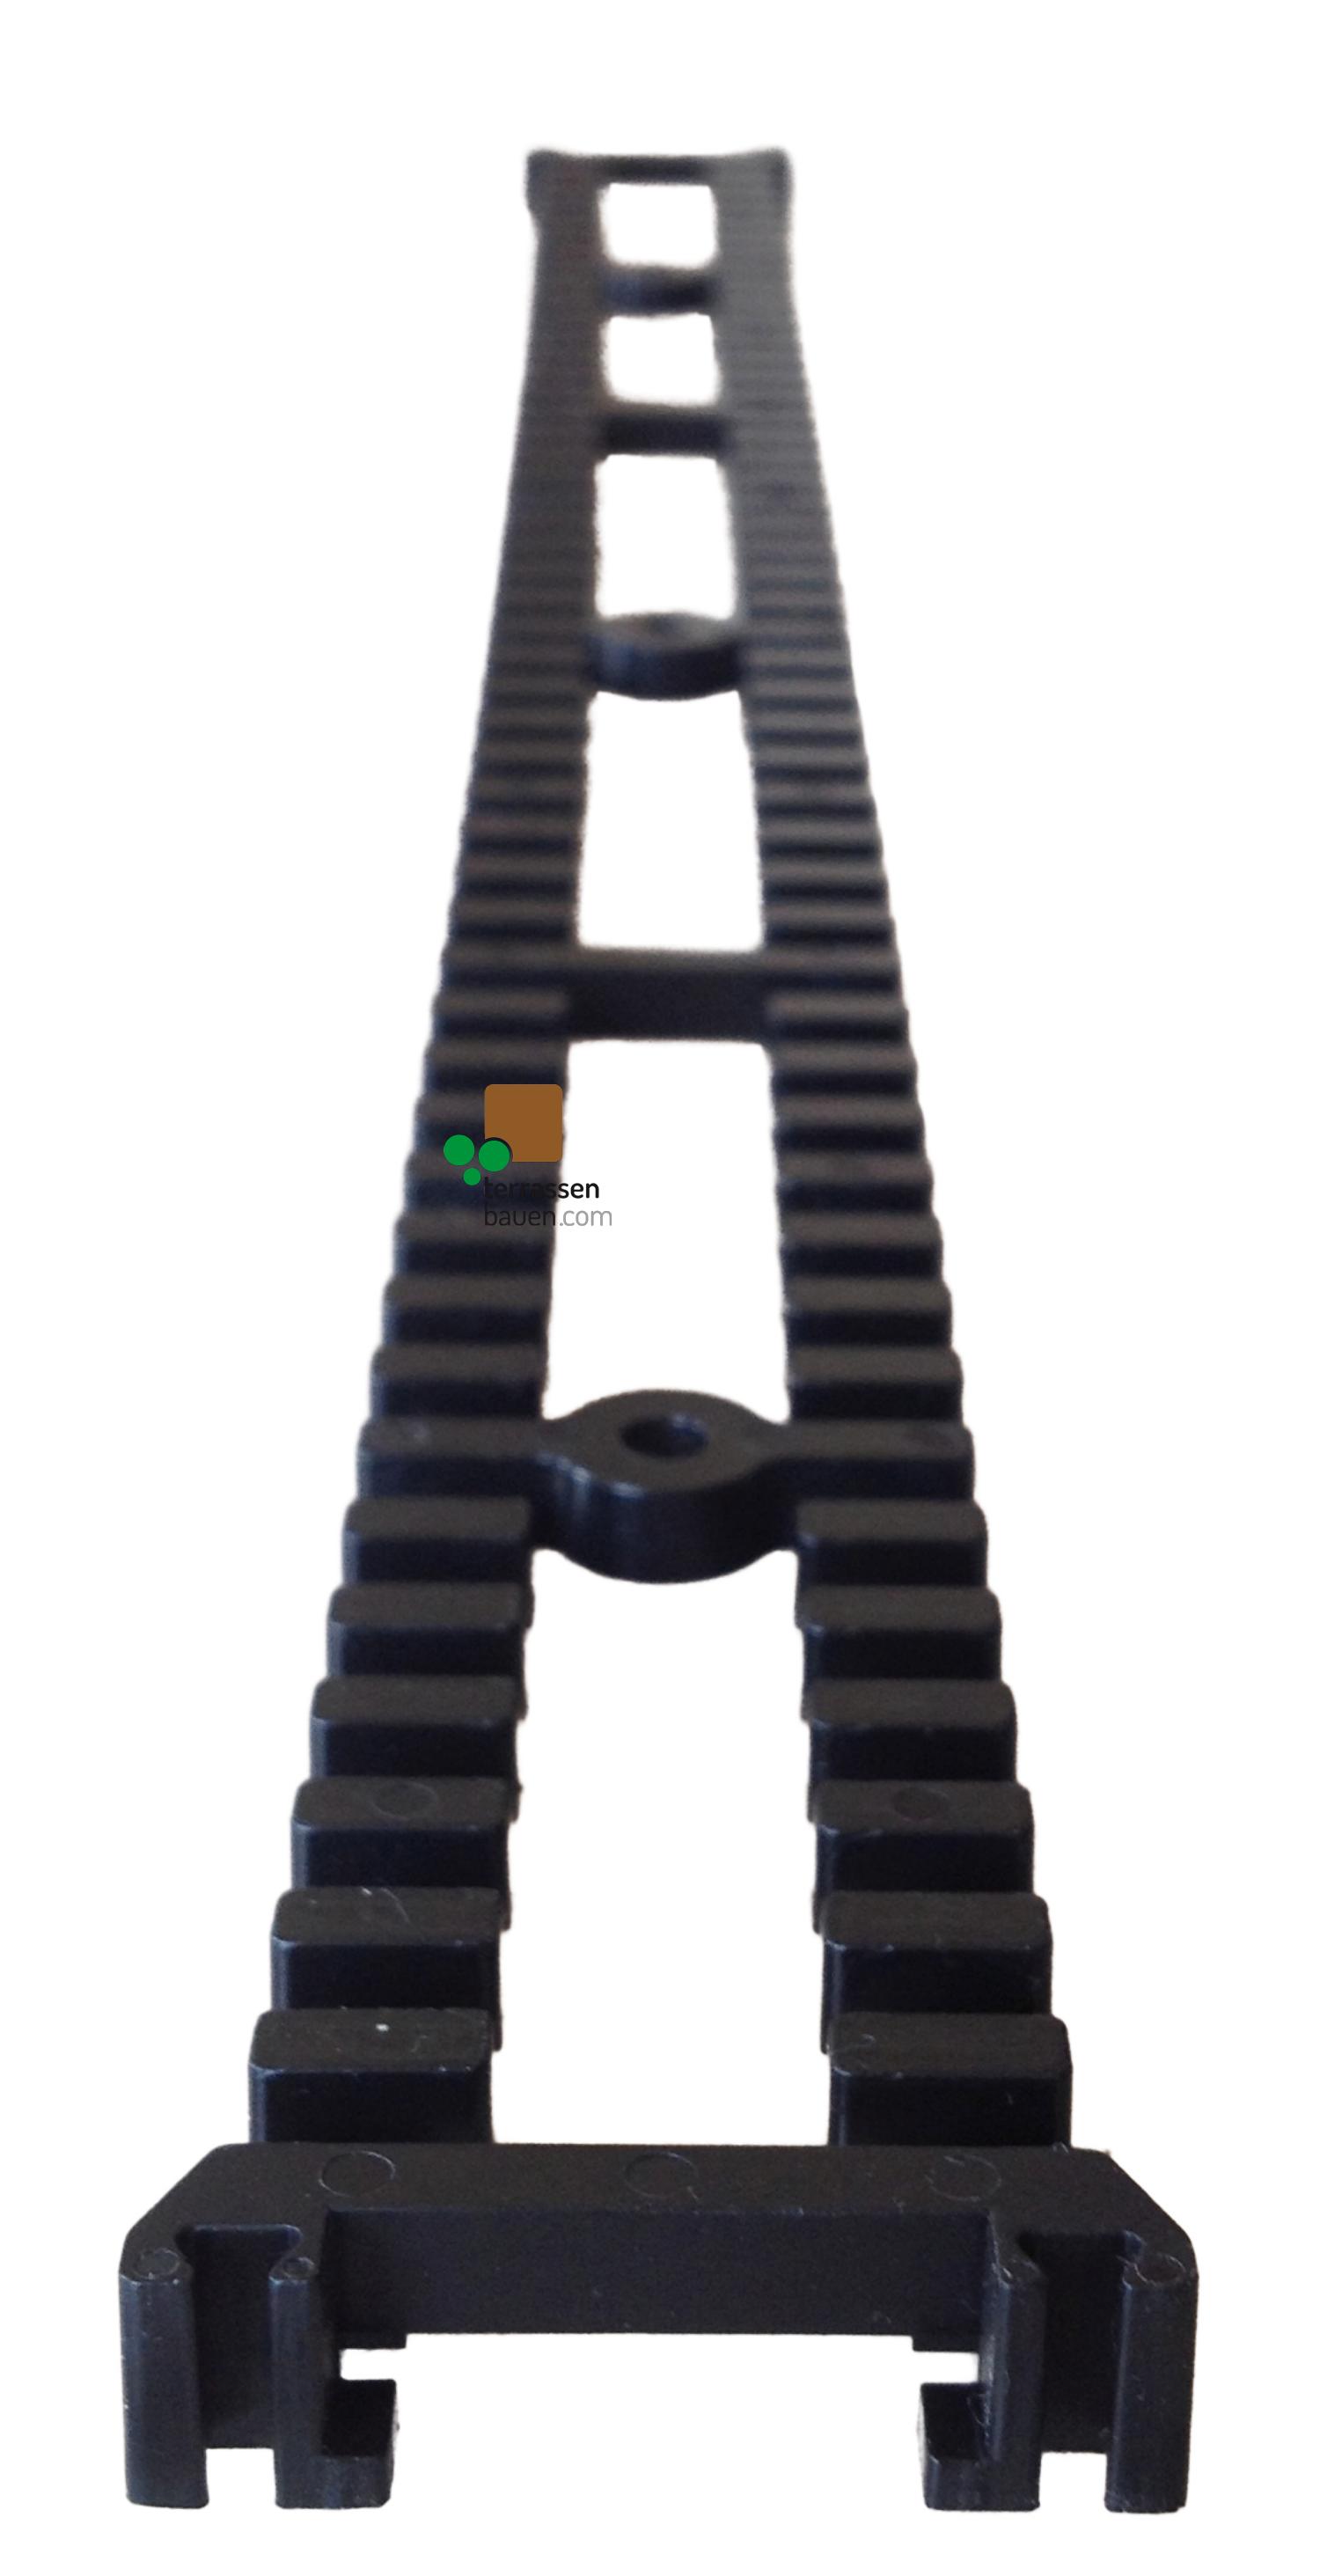 K&R Terracon Systemleiste, 40cm, VPE 60 Stück (= 24 lfm)